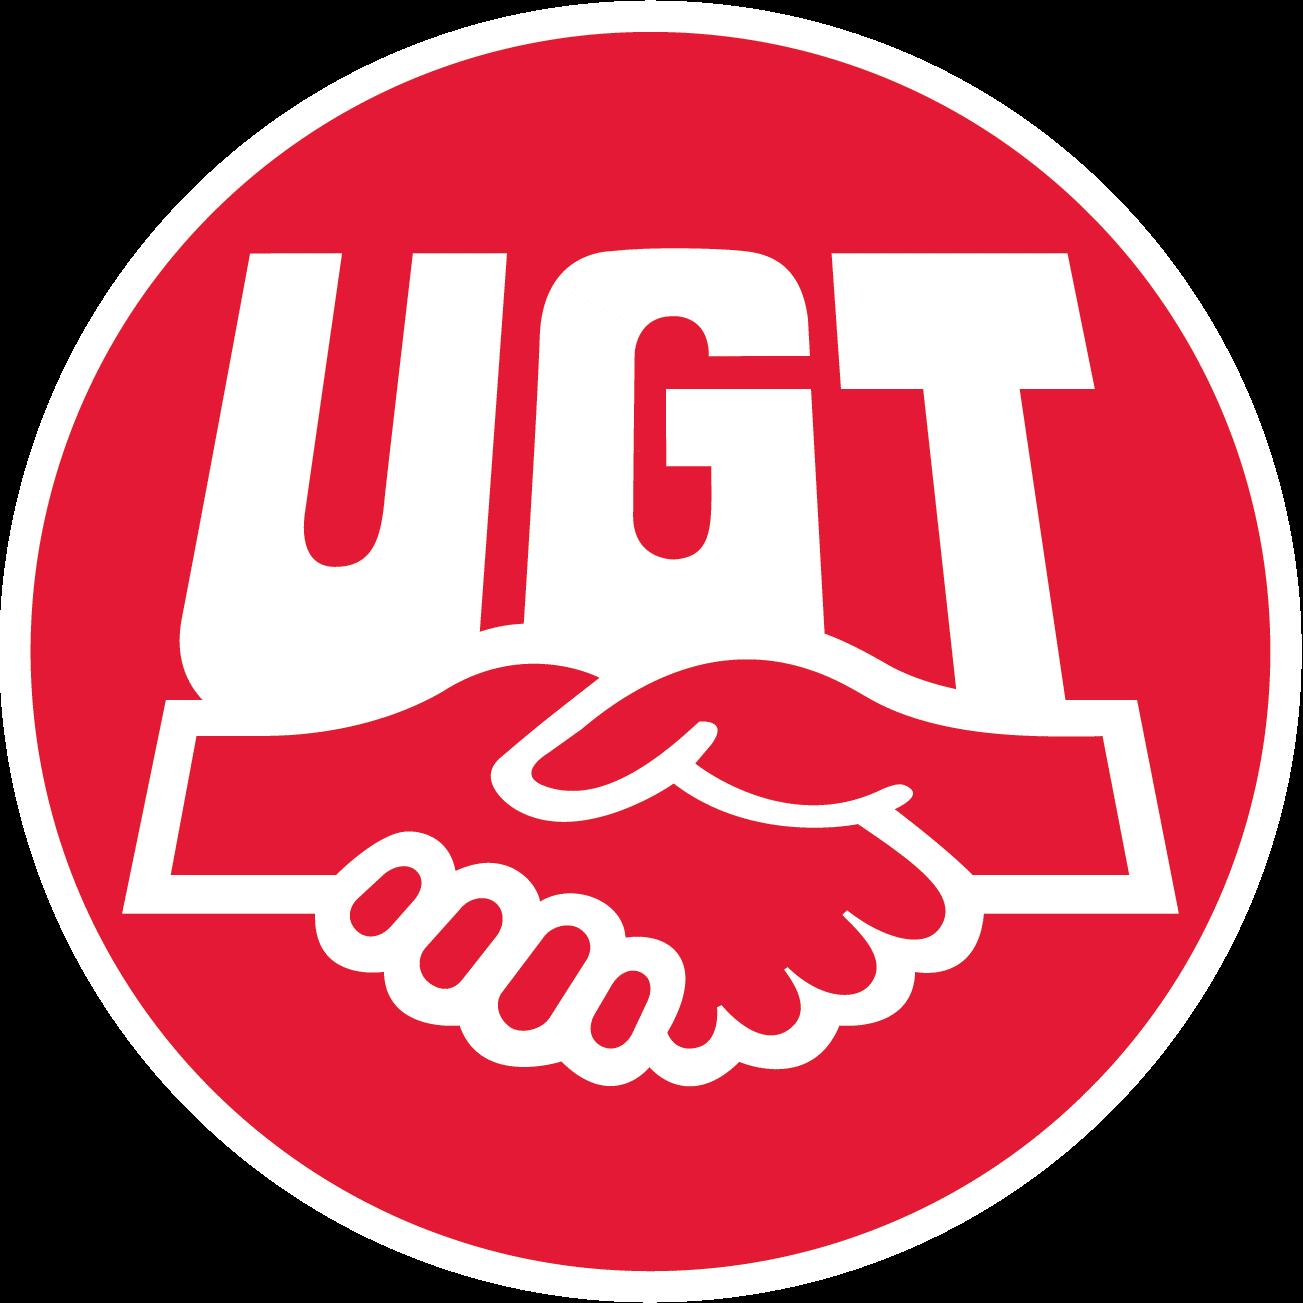 UGT exige un aumento de los salarios «acorde al crecimiento de la economía»